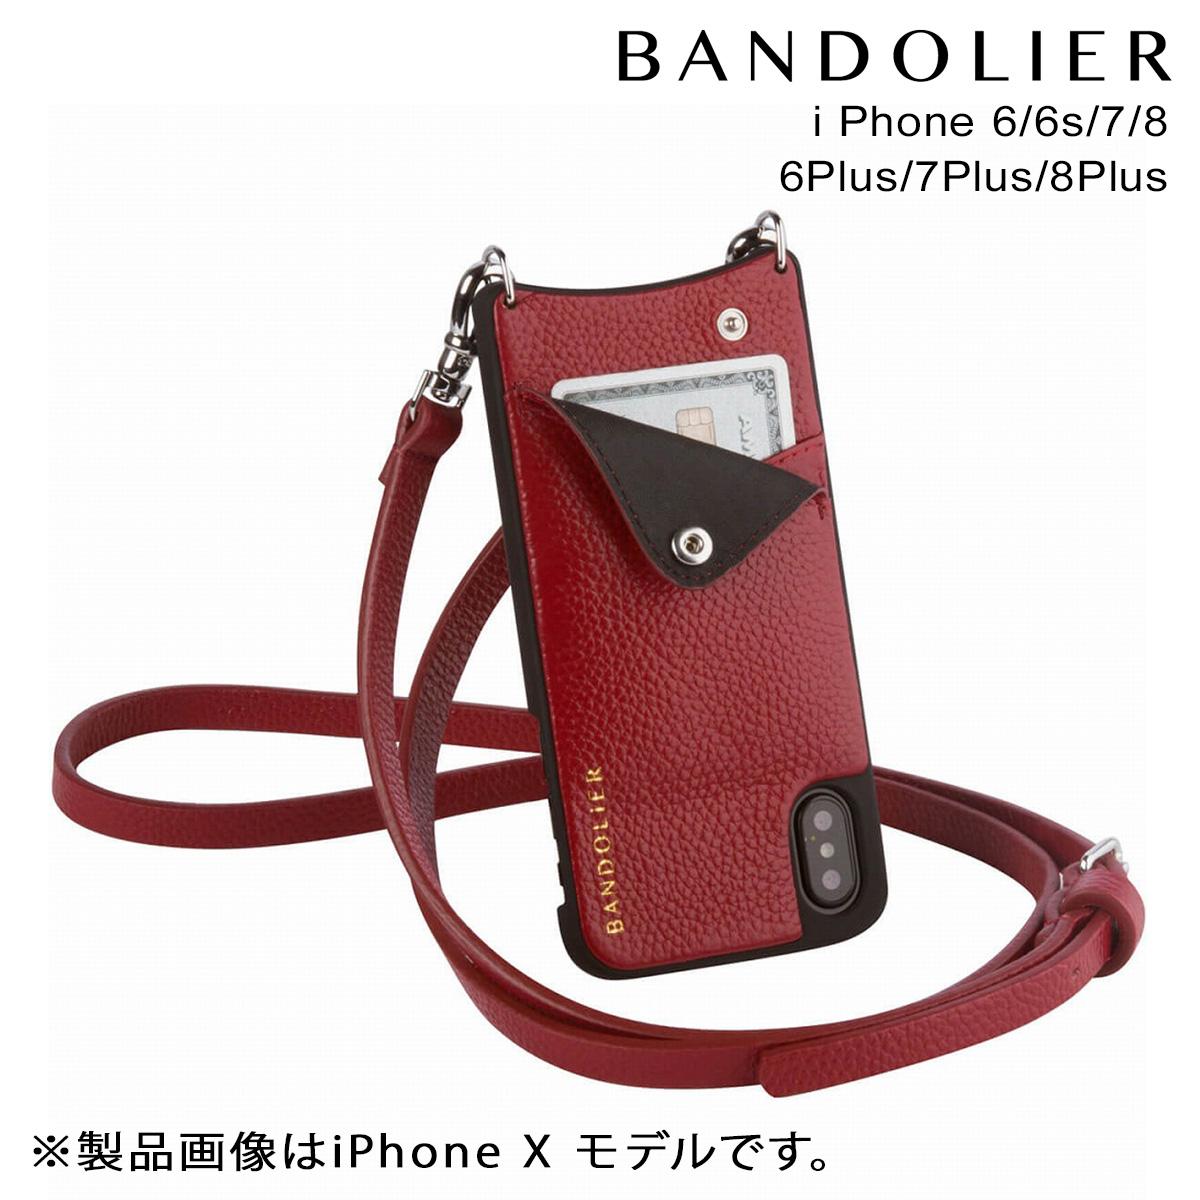 BANDOLIER バンドリヤー iPhone8 iPhone7 7Plus 6s ケース スマホ アイフォン プラス EMMA CRIMSON メンズ レディース [10/24 新入荷]